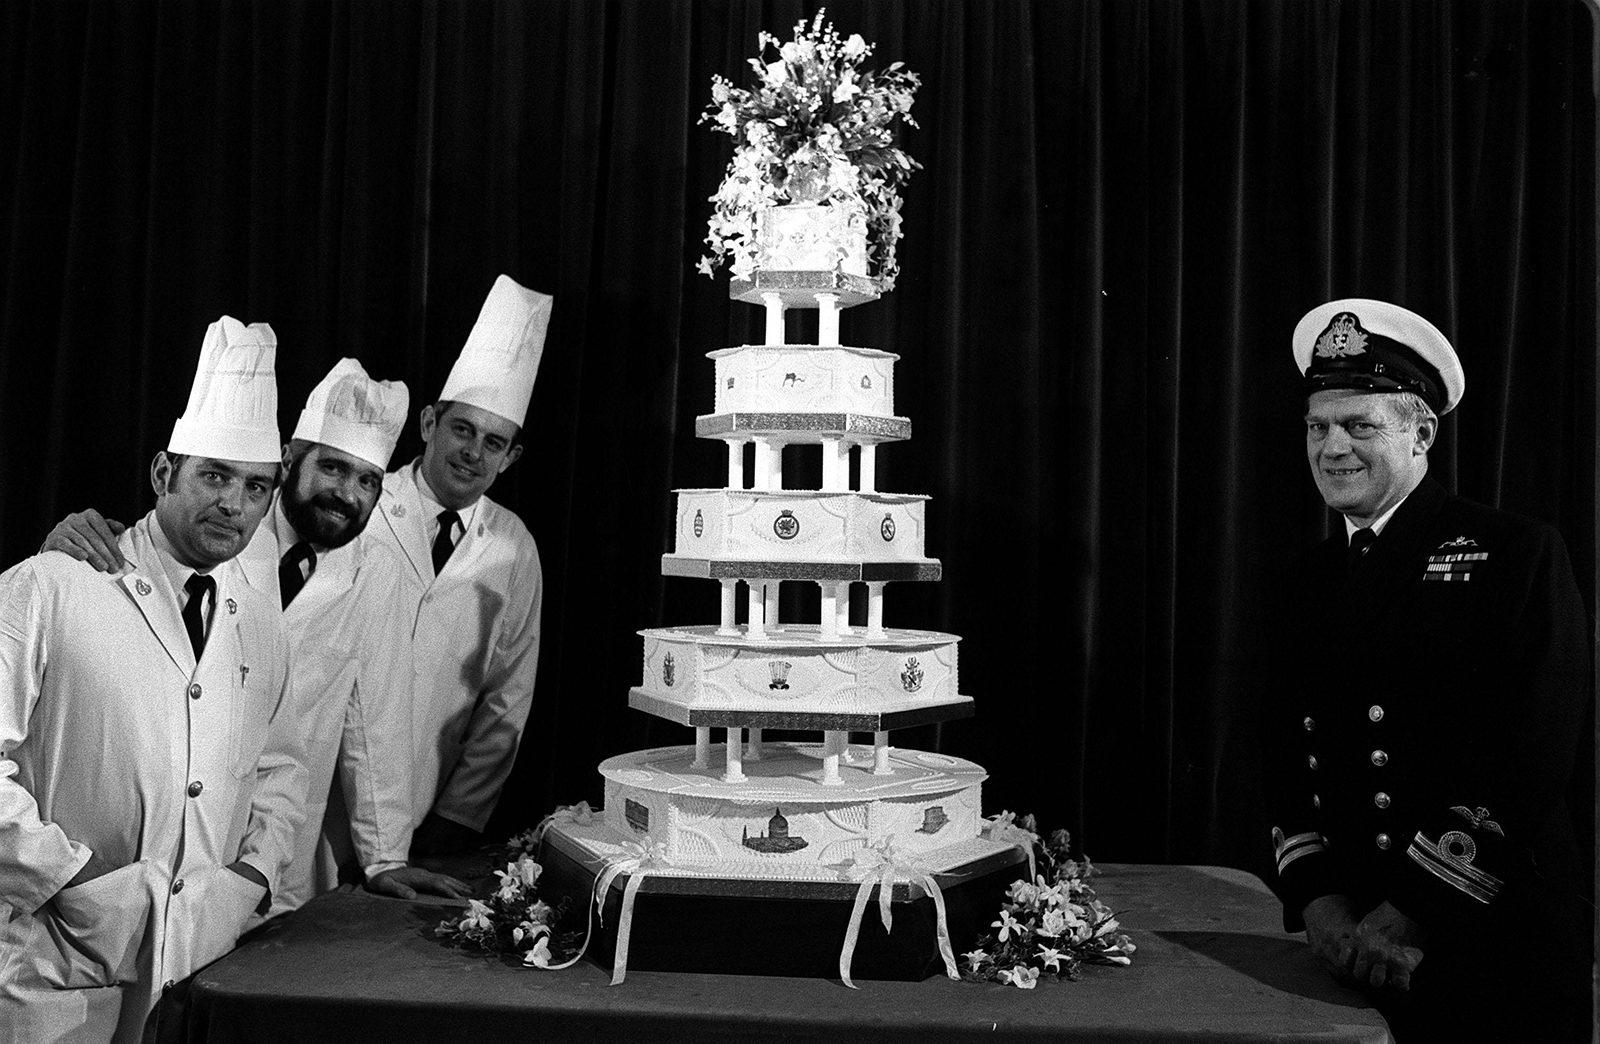 Prince Charles and Princess Diana wedding cake